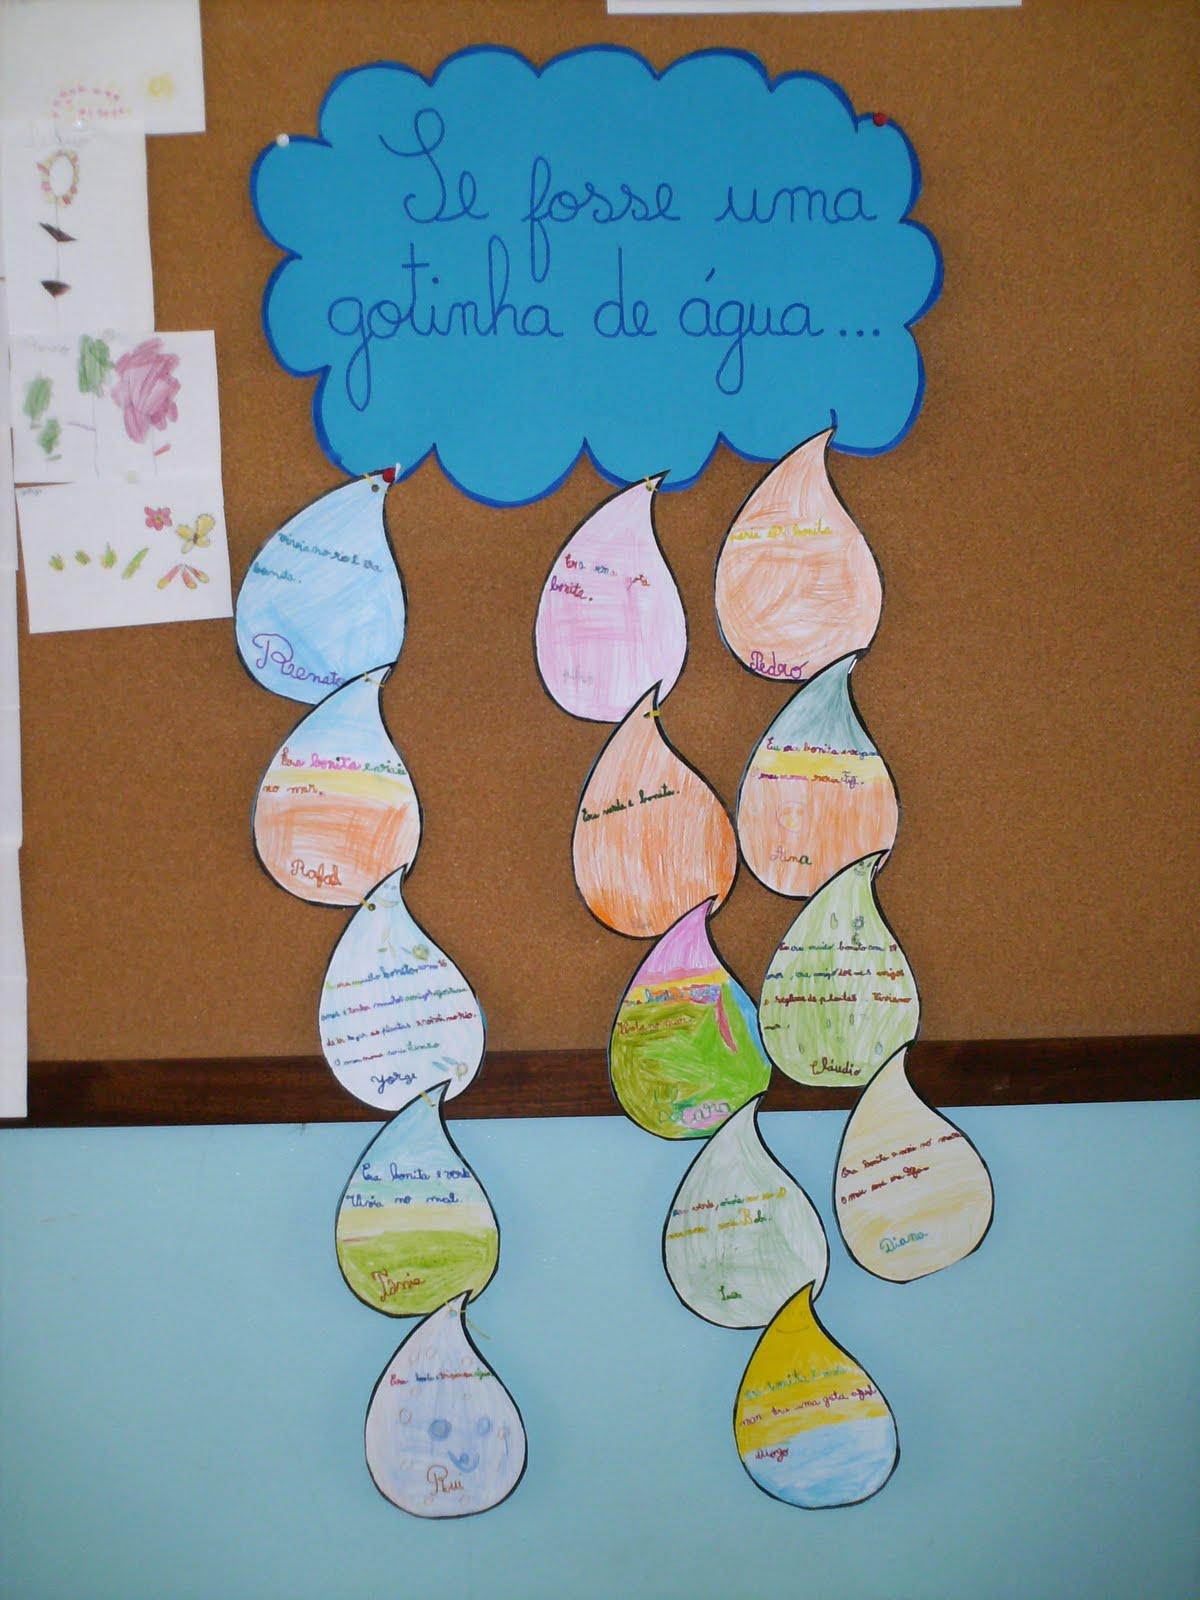 Educar piedade mar o 2011 for Mural sobre o meio ambiente